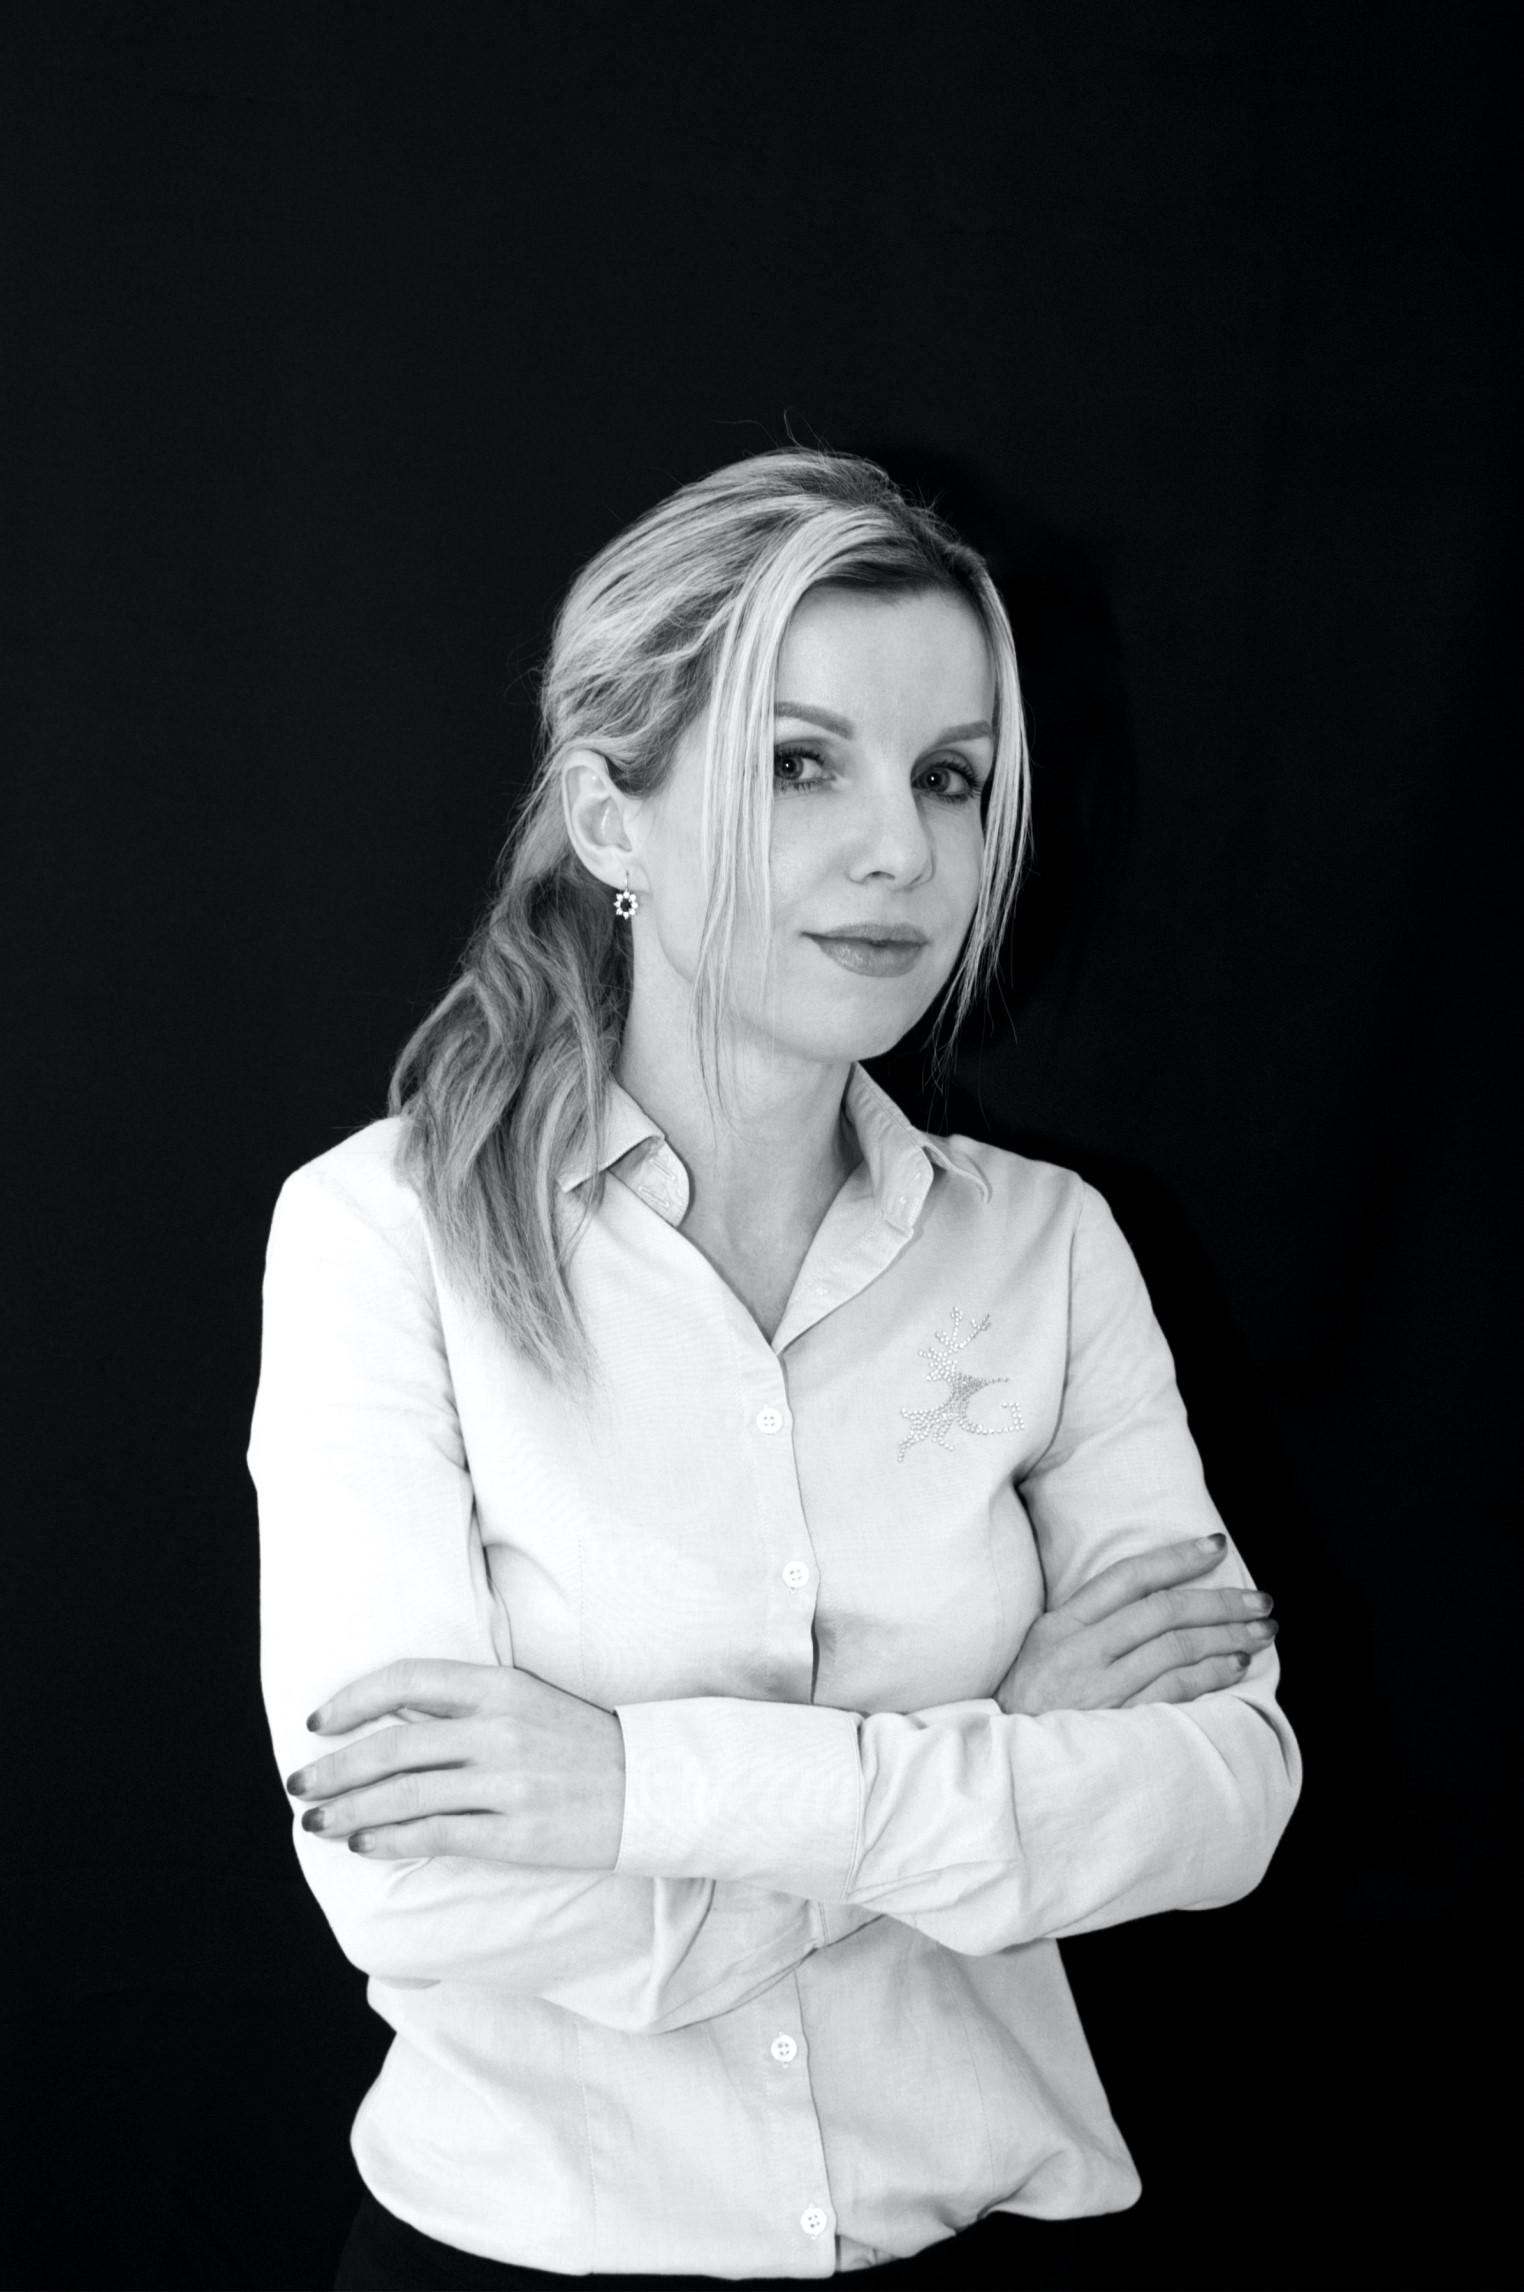 JUDr. Zdeňka Nocarová, Ph.D.